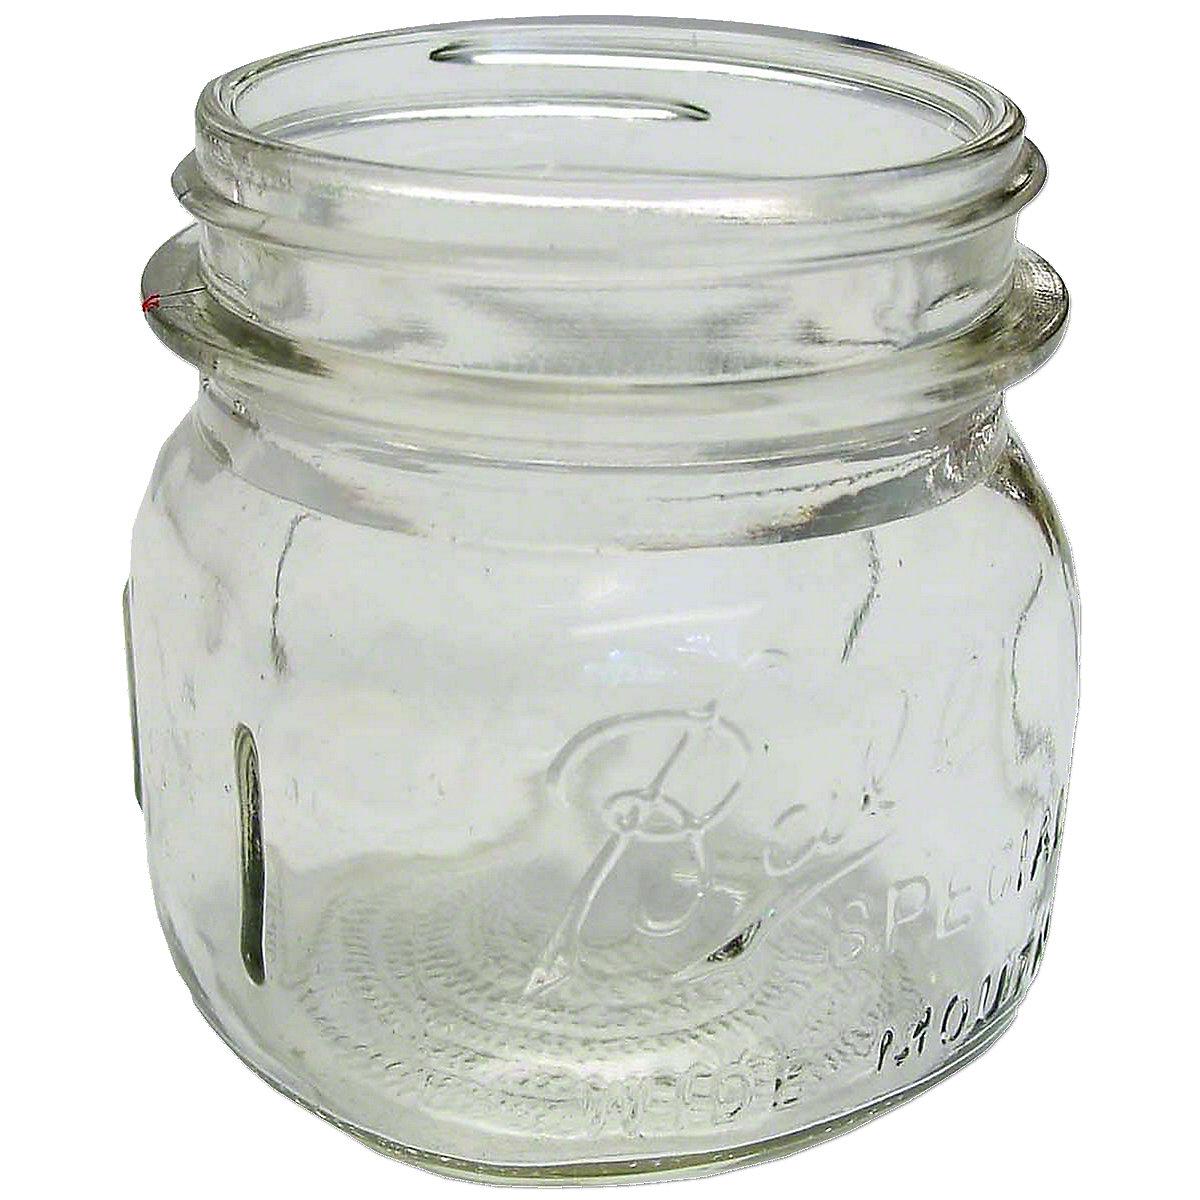 Glass Jar For Pre-Cleaner For Massey Harris: Colt 21, Mustang 23, 101 Jr, 102 Jr, 20, 22, 22k, 30, 30k, 33, 44, 44 Special, 44-6, 81, 82.